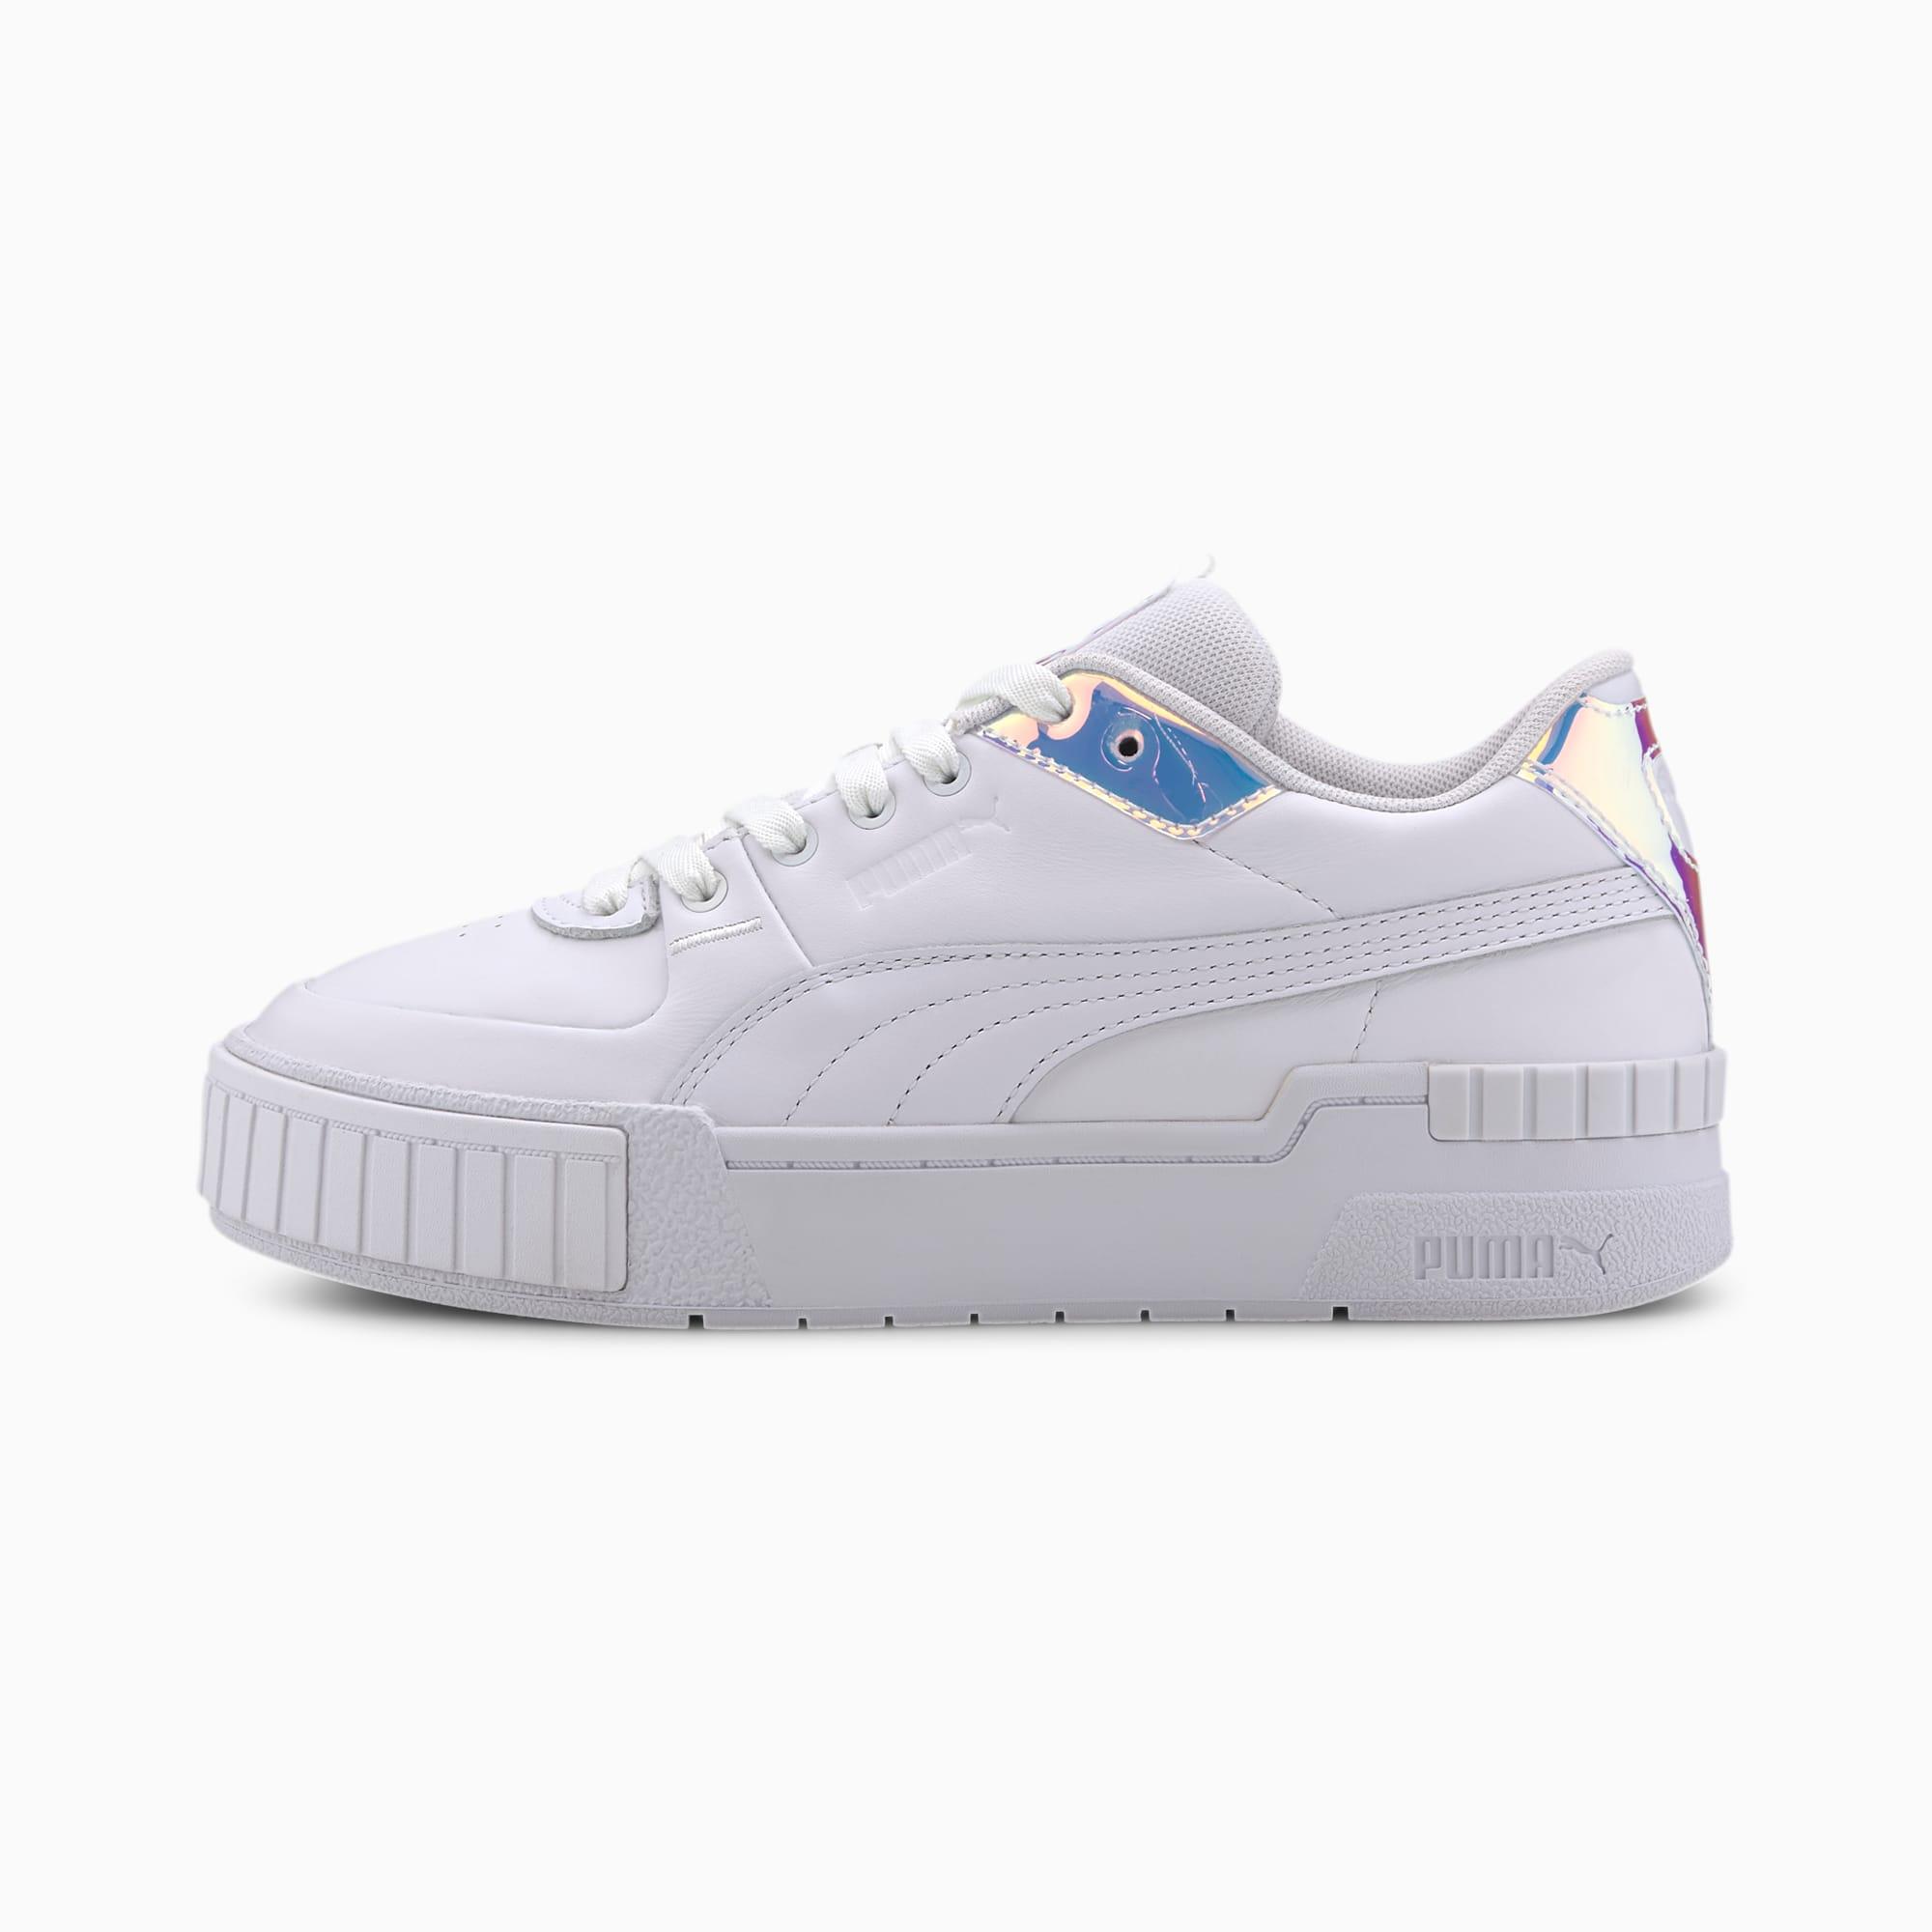 Puma Sports Sneakers: Buy Puma Sports Sneakers Online at Low